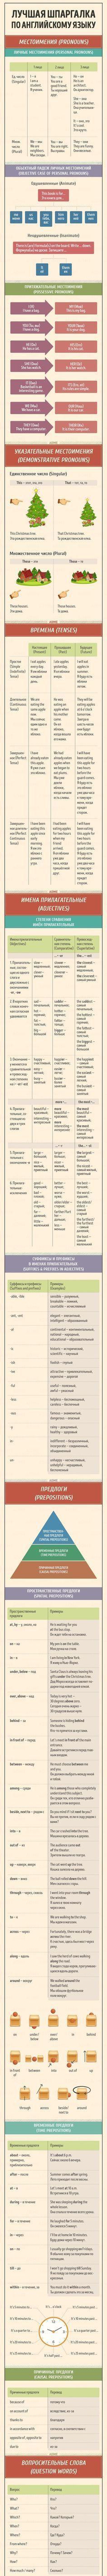 icpicslivejournalcom chelekov 9343401 51235 originaljpg - PIPicStats